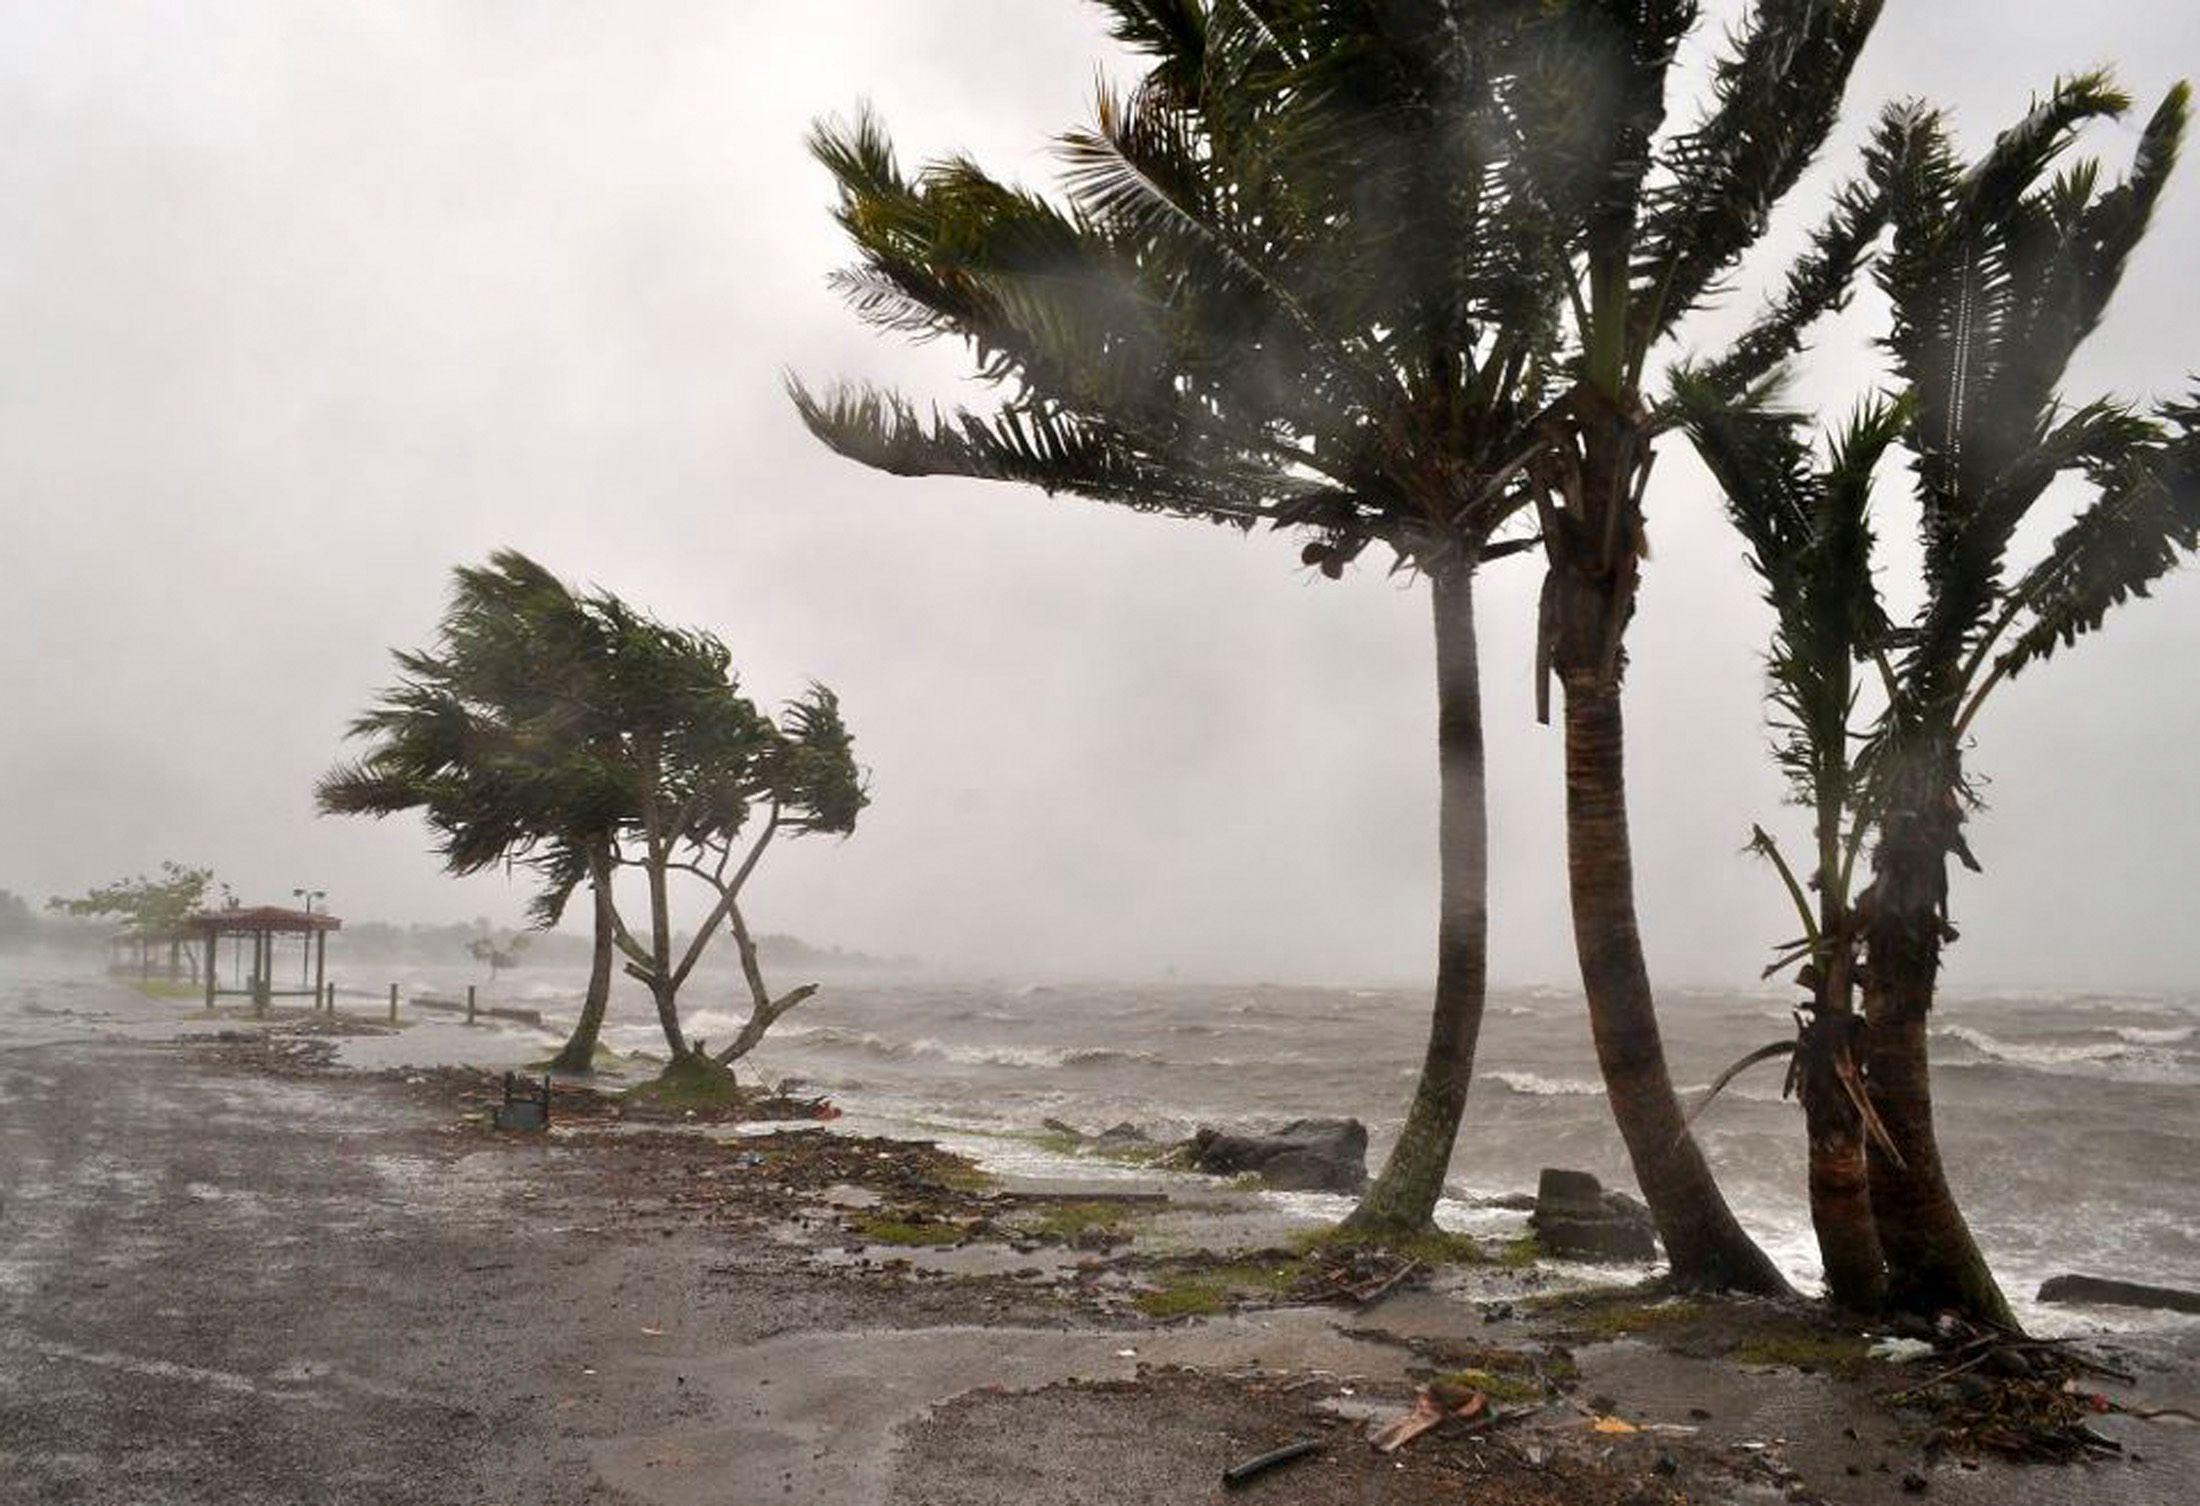 Le cyclone Dumile a fait quelques dégâts matériels